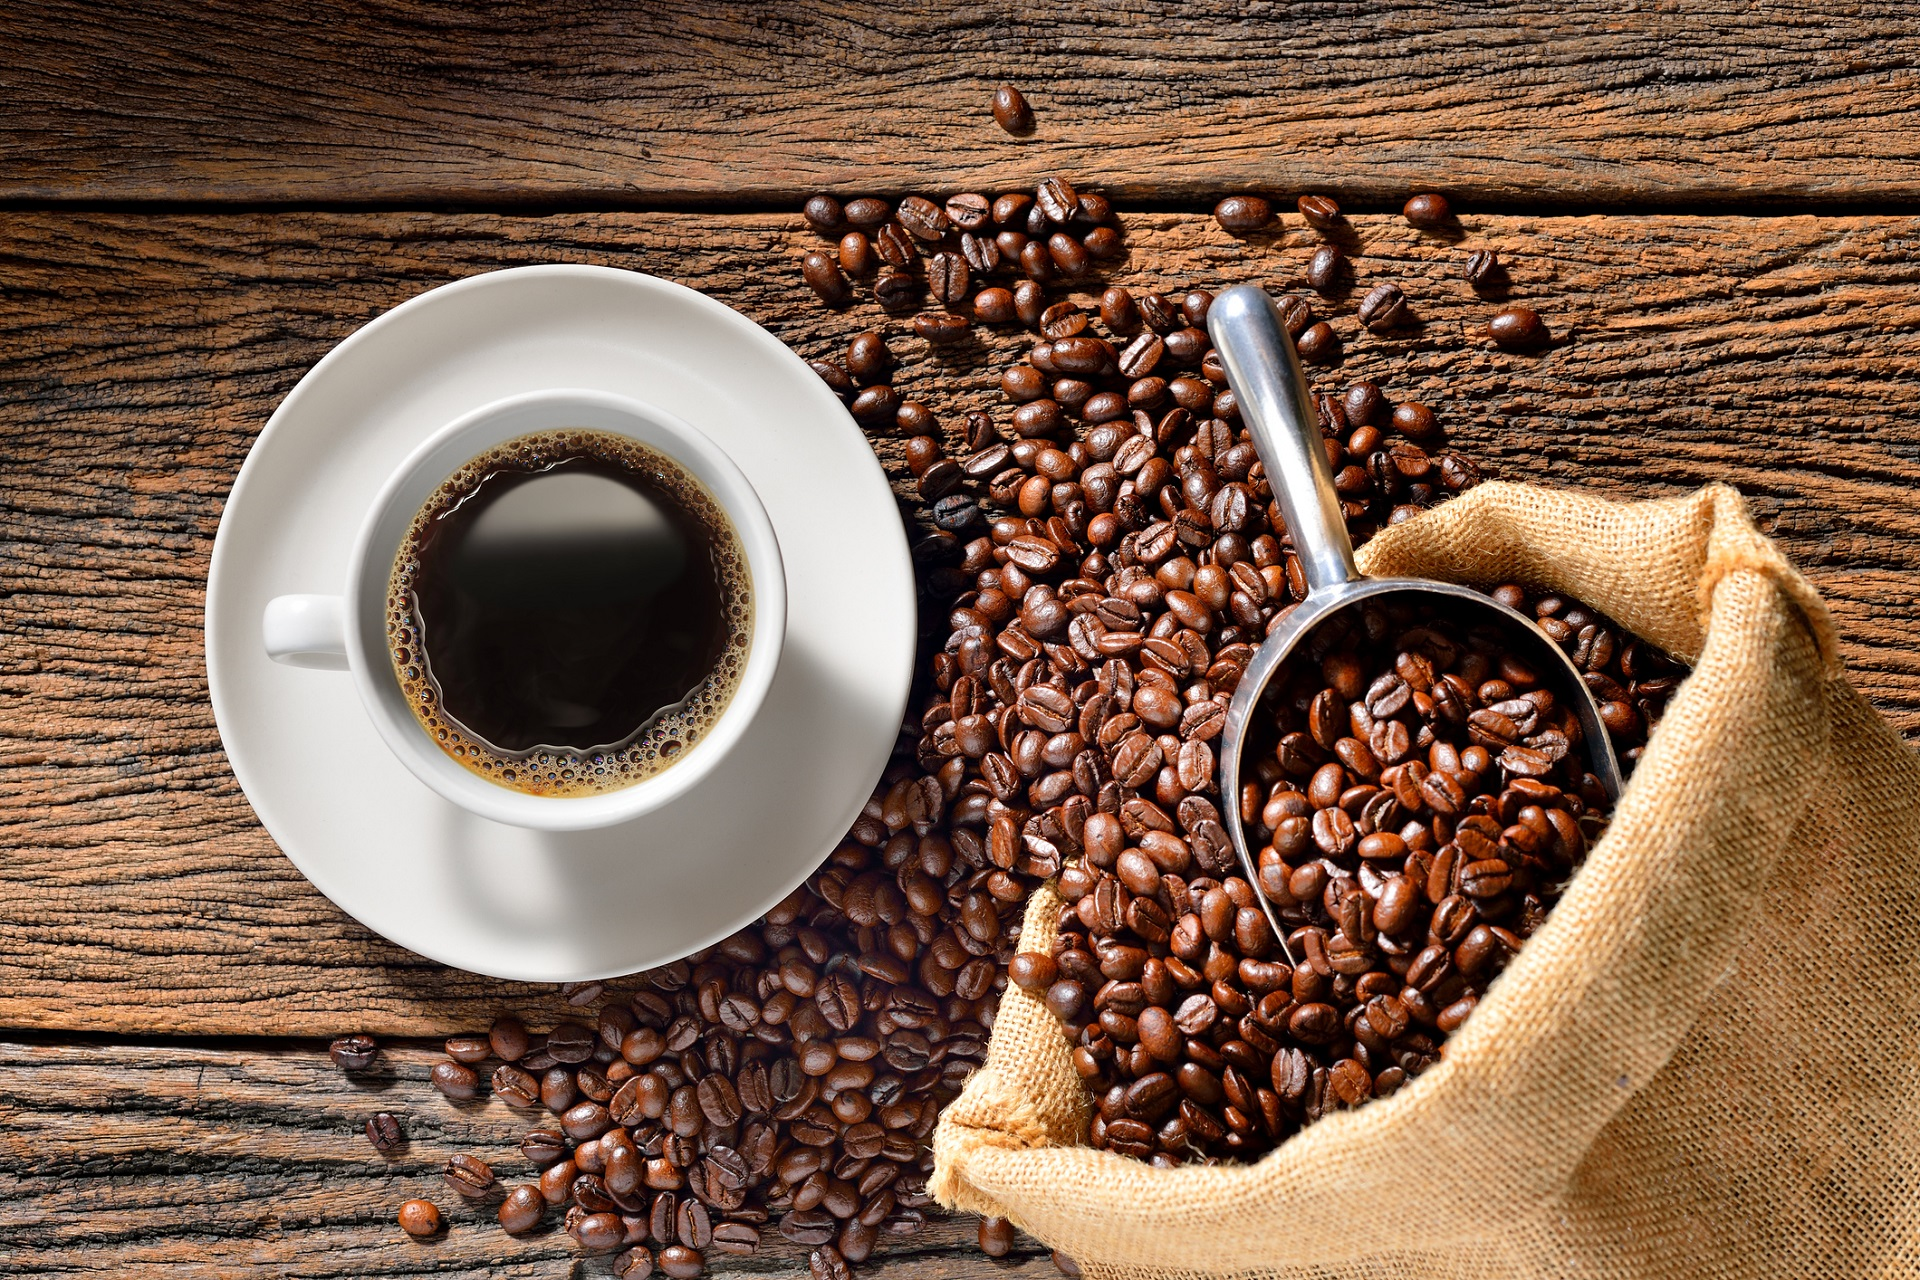 Кофе — польза и вред самого популярного напитка в мире